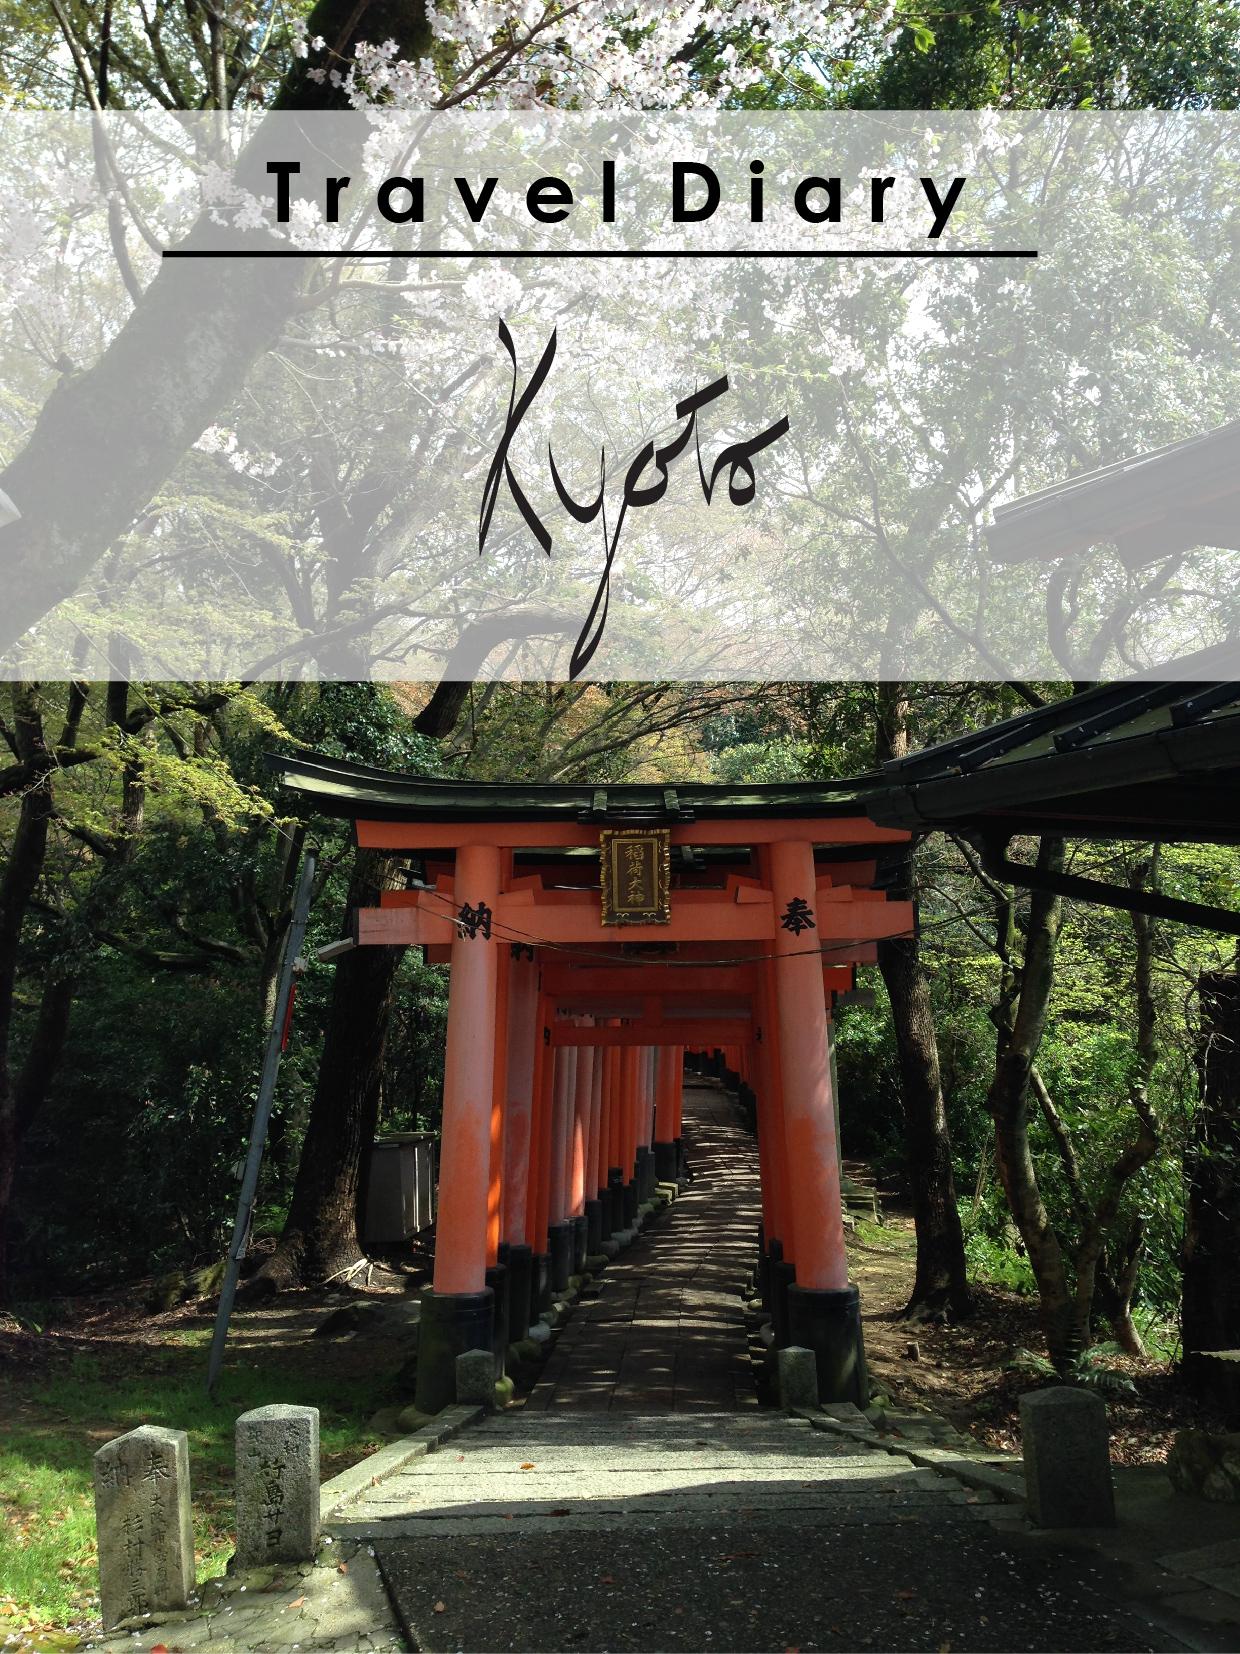 Kyoto Diary